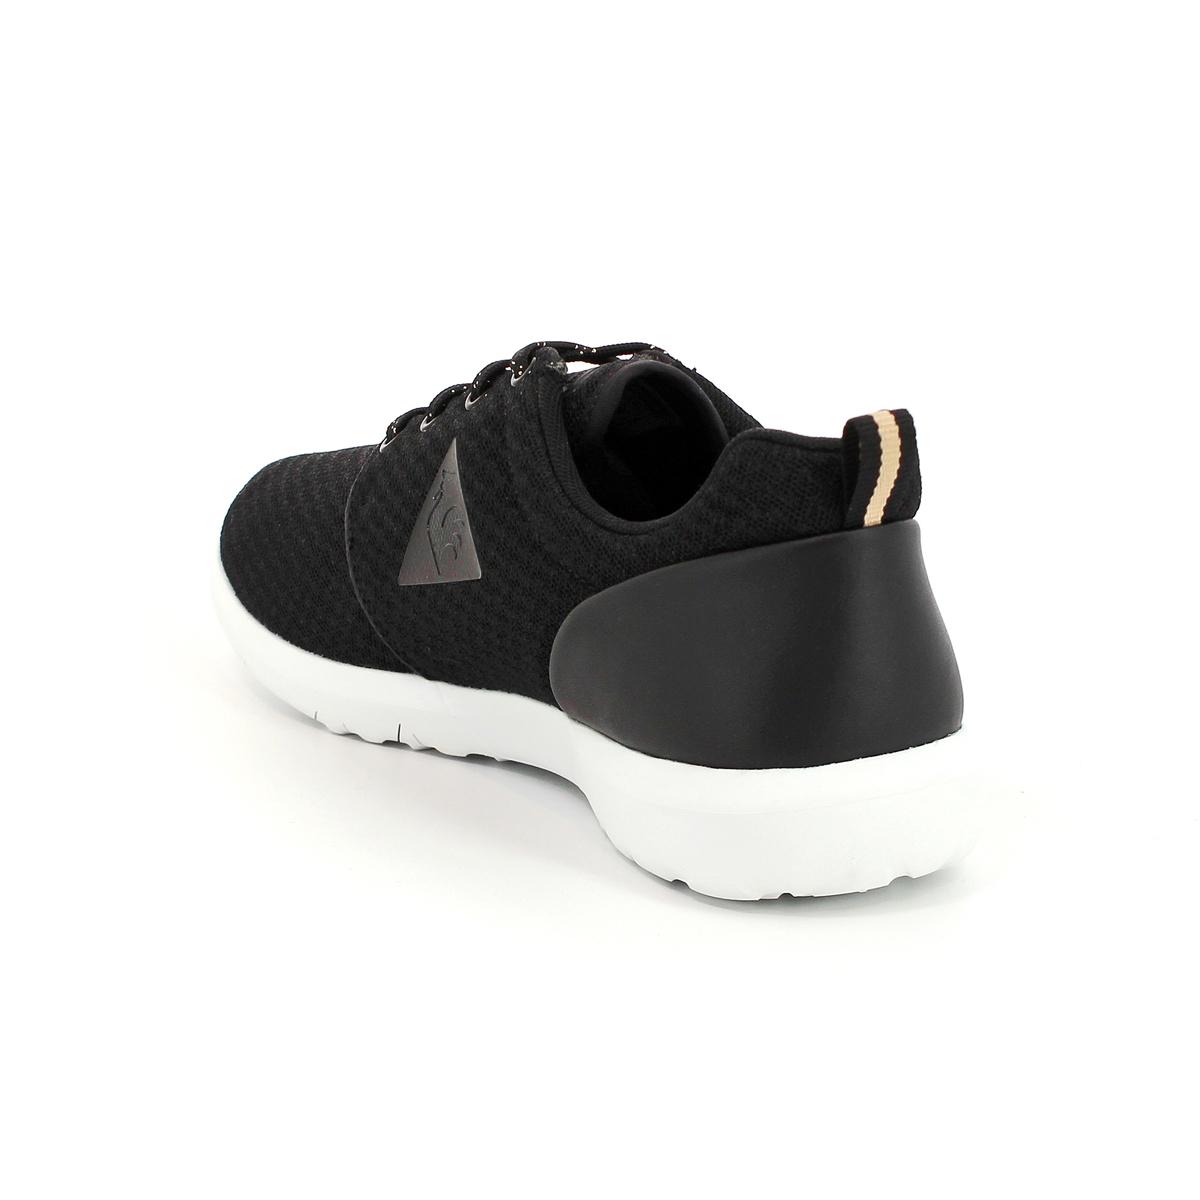 Sneakers femme coq sportif